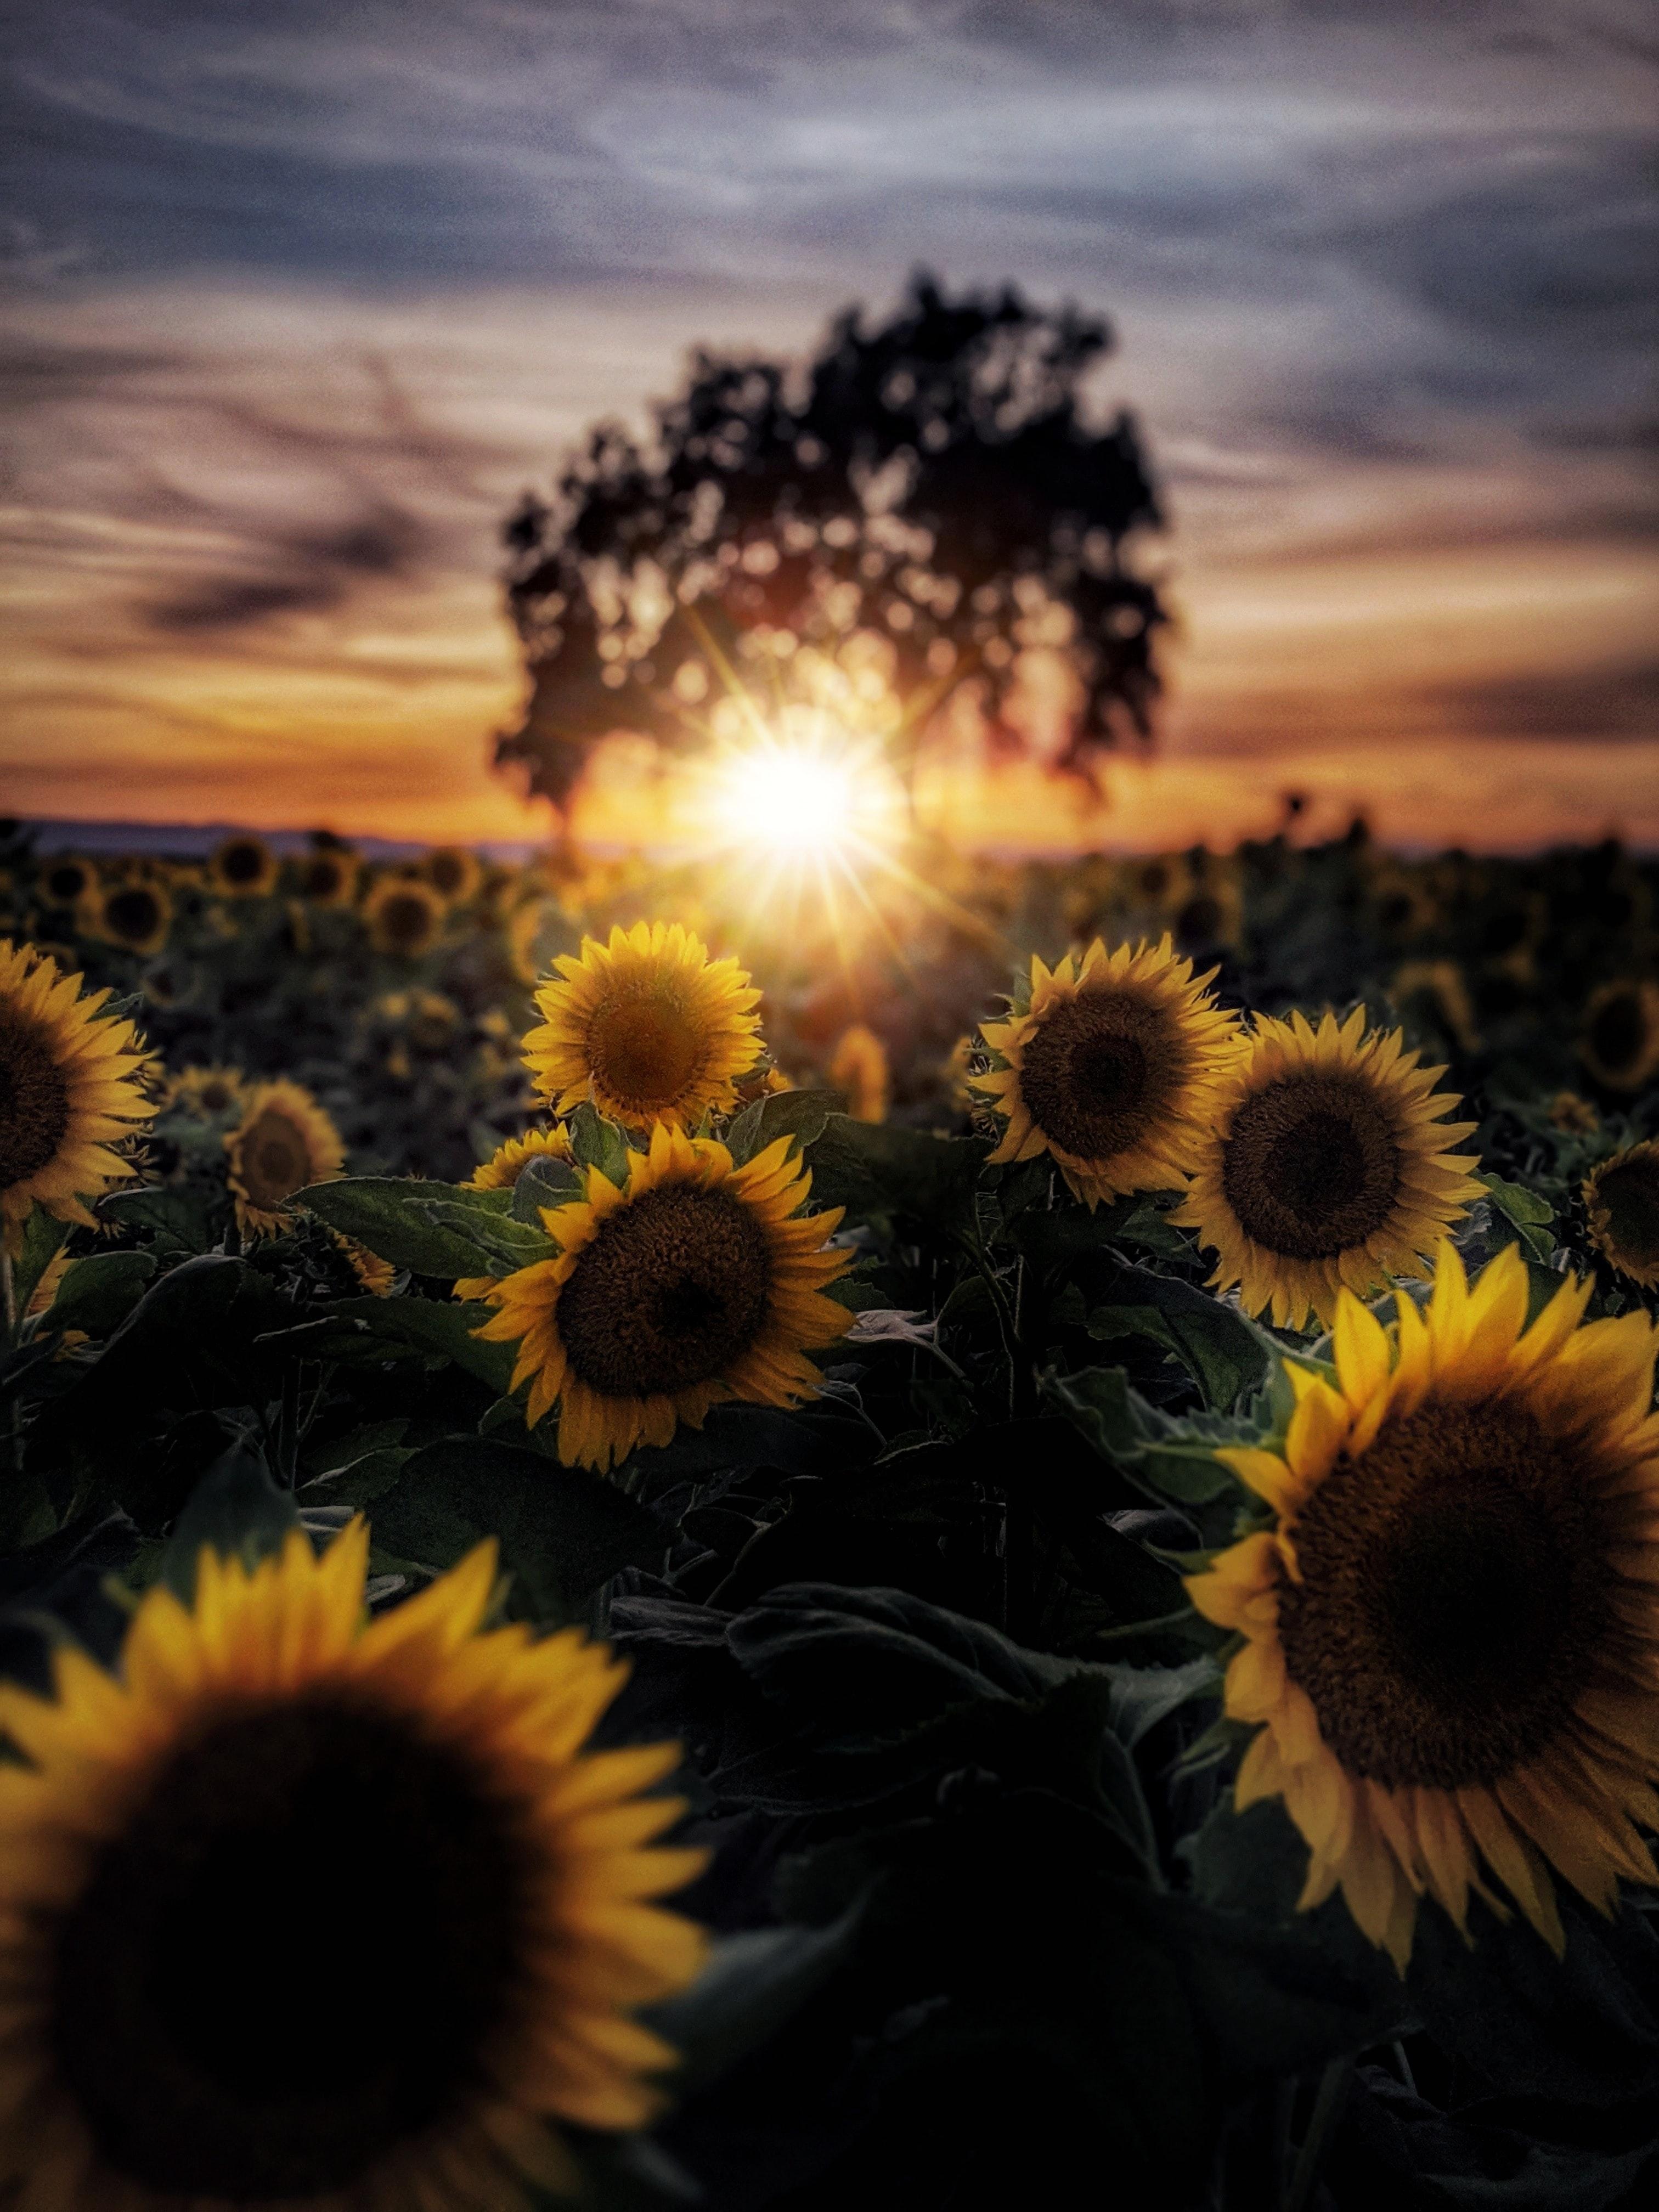 140748 Заставки и Обои Подсолнухи на телефон. Скачать Цветы, Лепестки, Лучи, Солнце, Подсолнухи картинки бесплатно